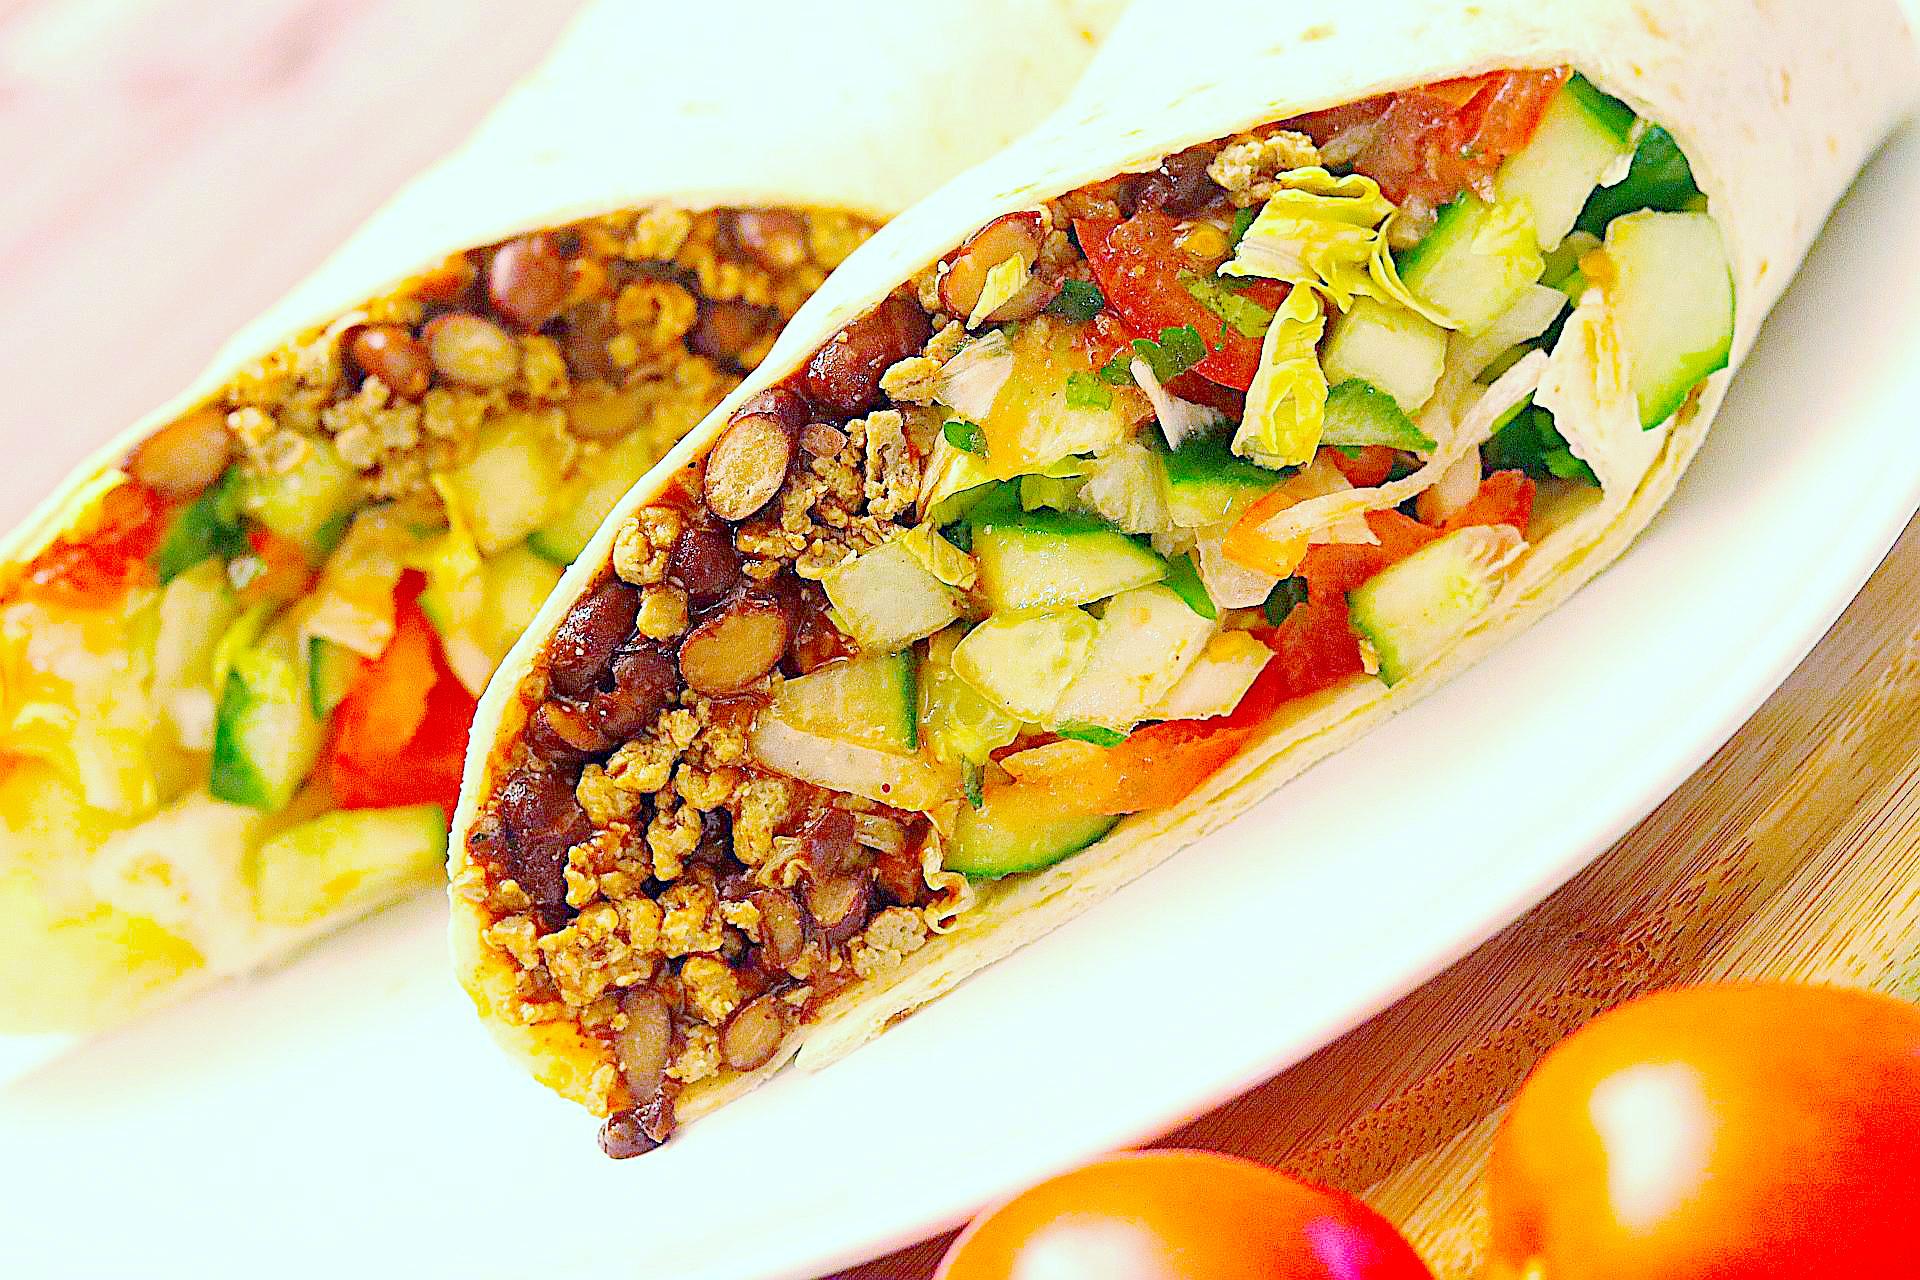 Vegane Frühstücks-Burritos, Naheaufnahme